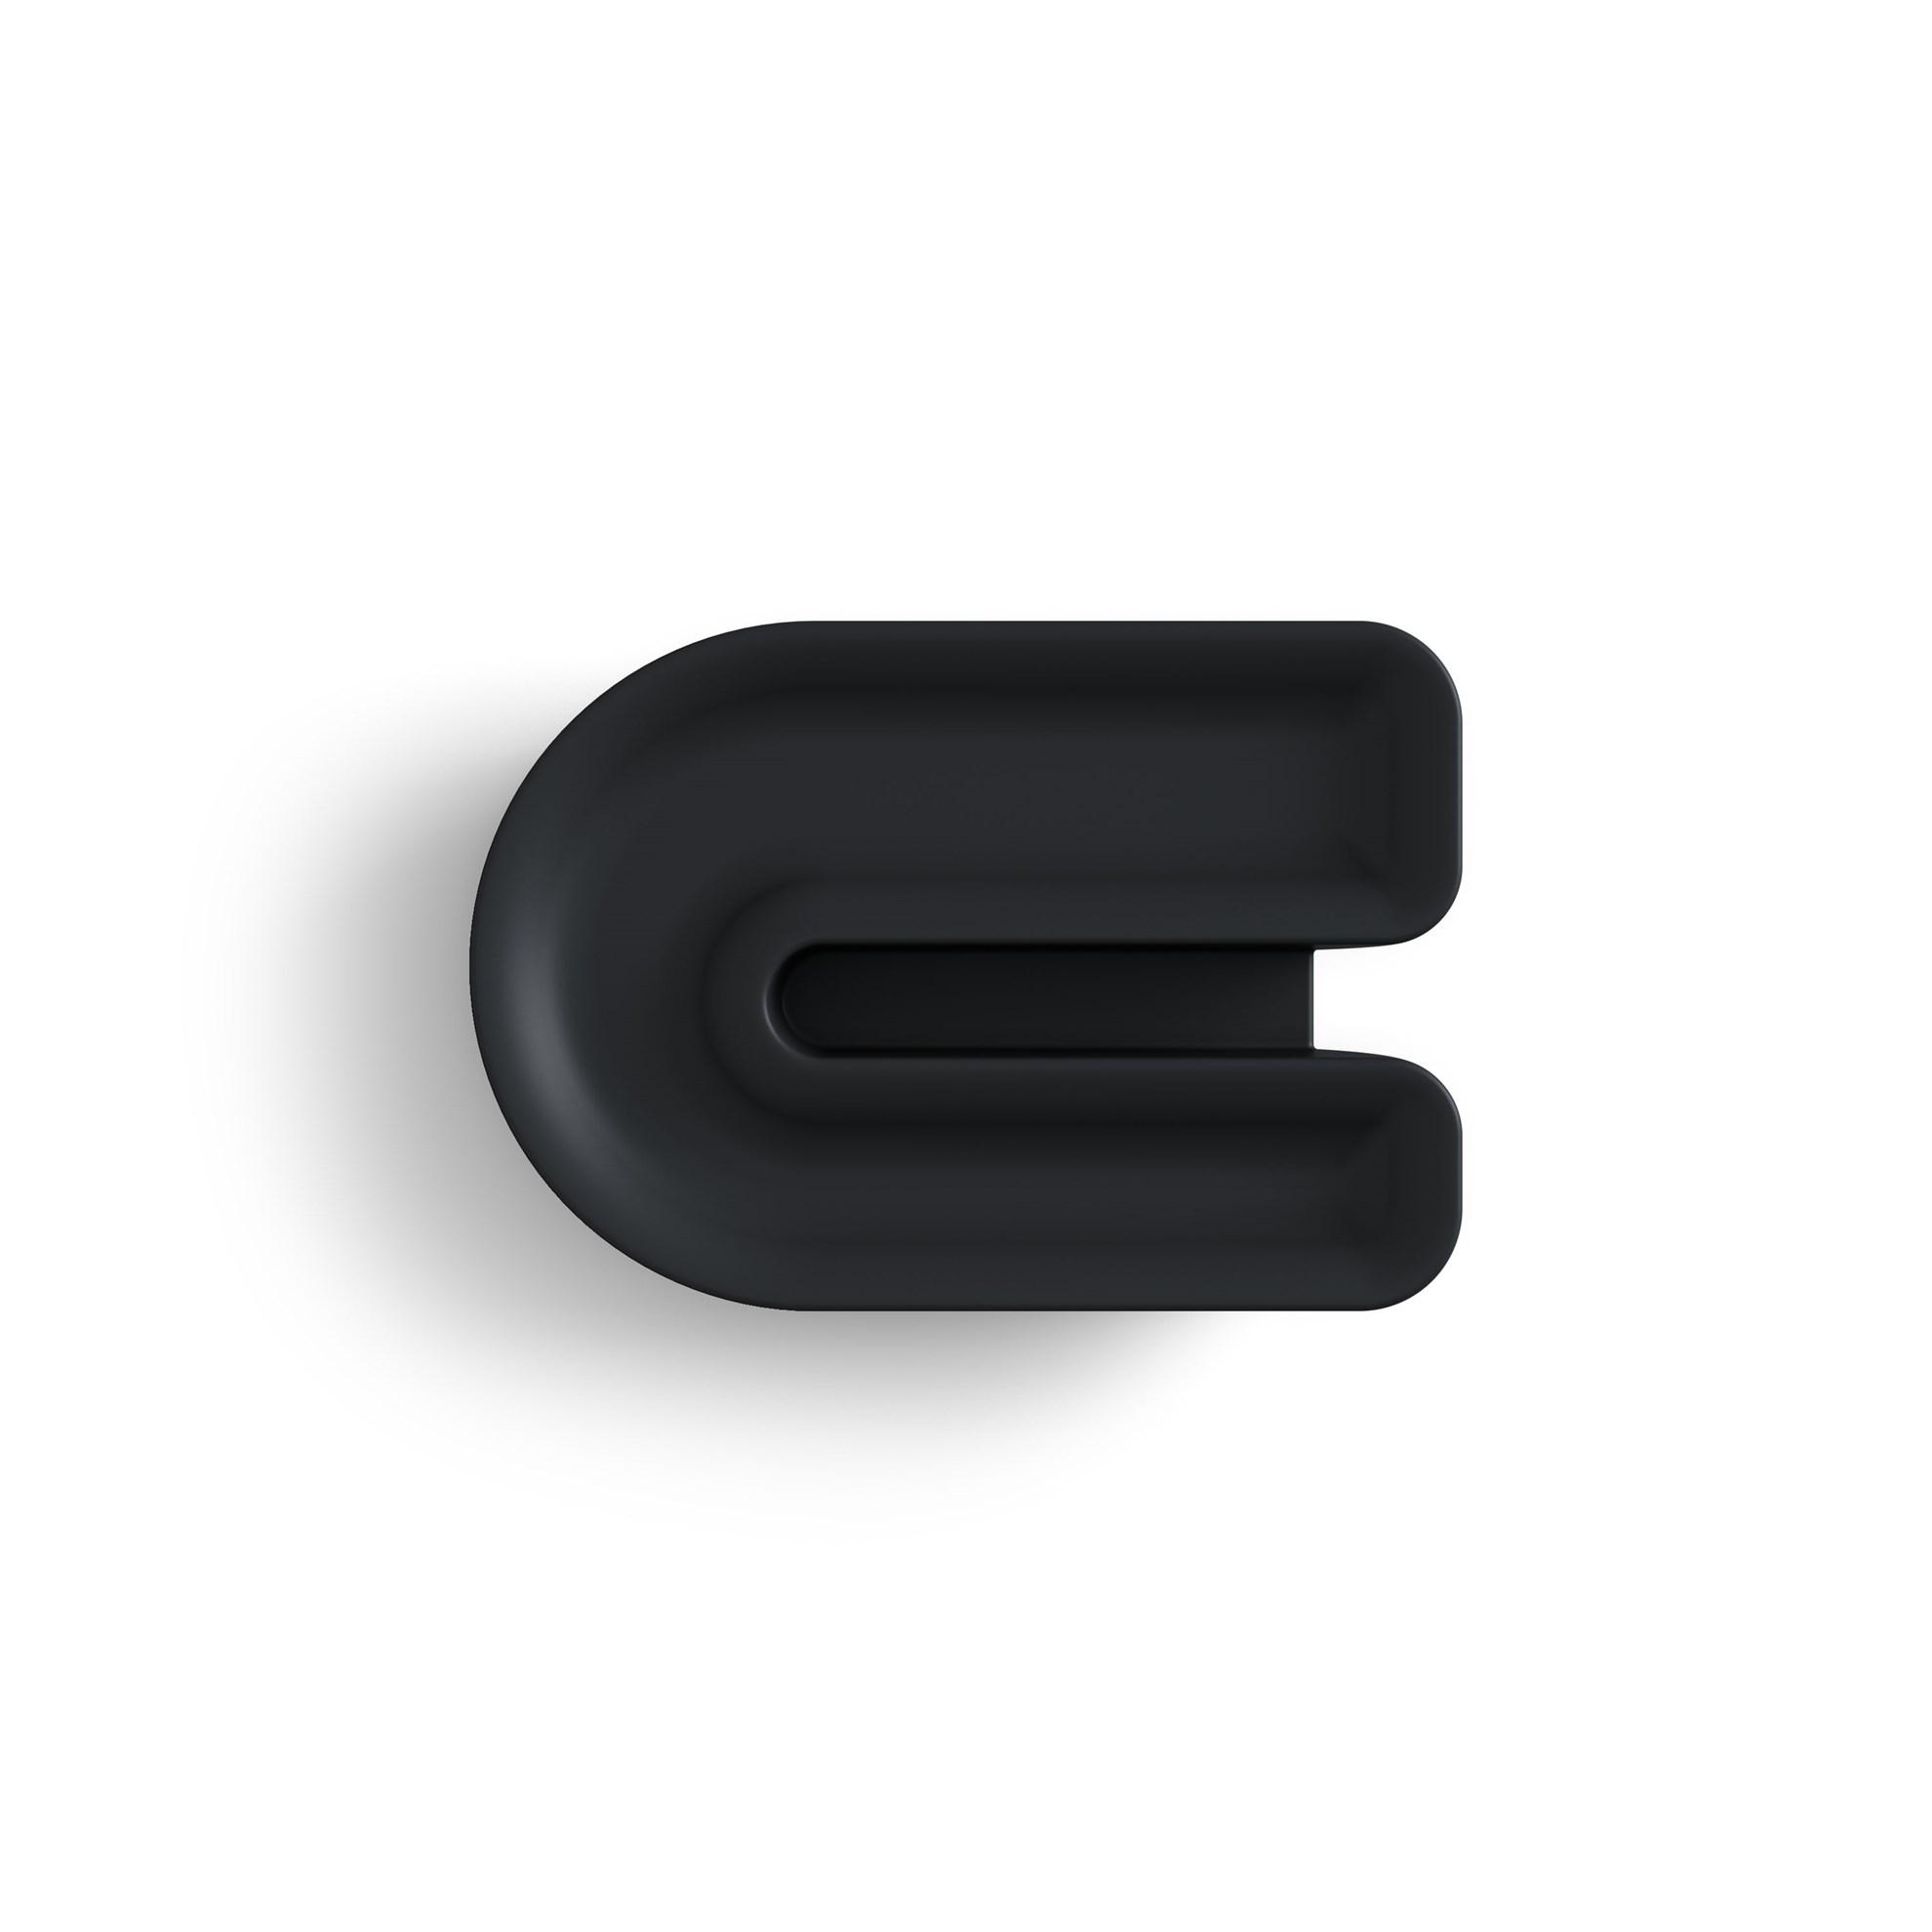 Držák na telefon JUNIP černý_0